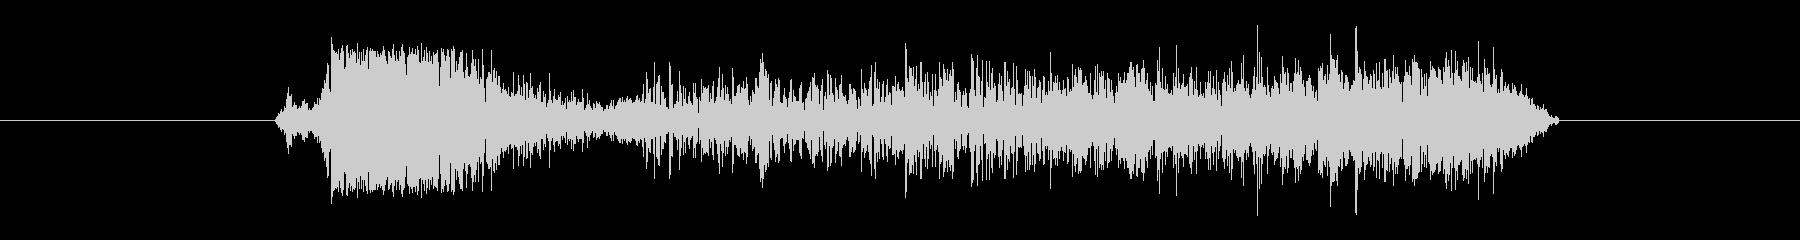 チュバーッ(高音の機械の作動音)の未再生の波形